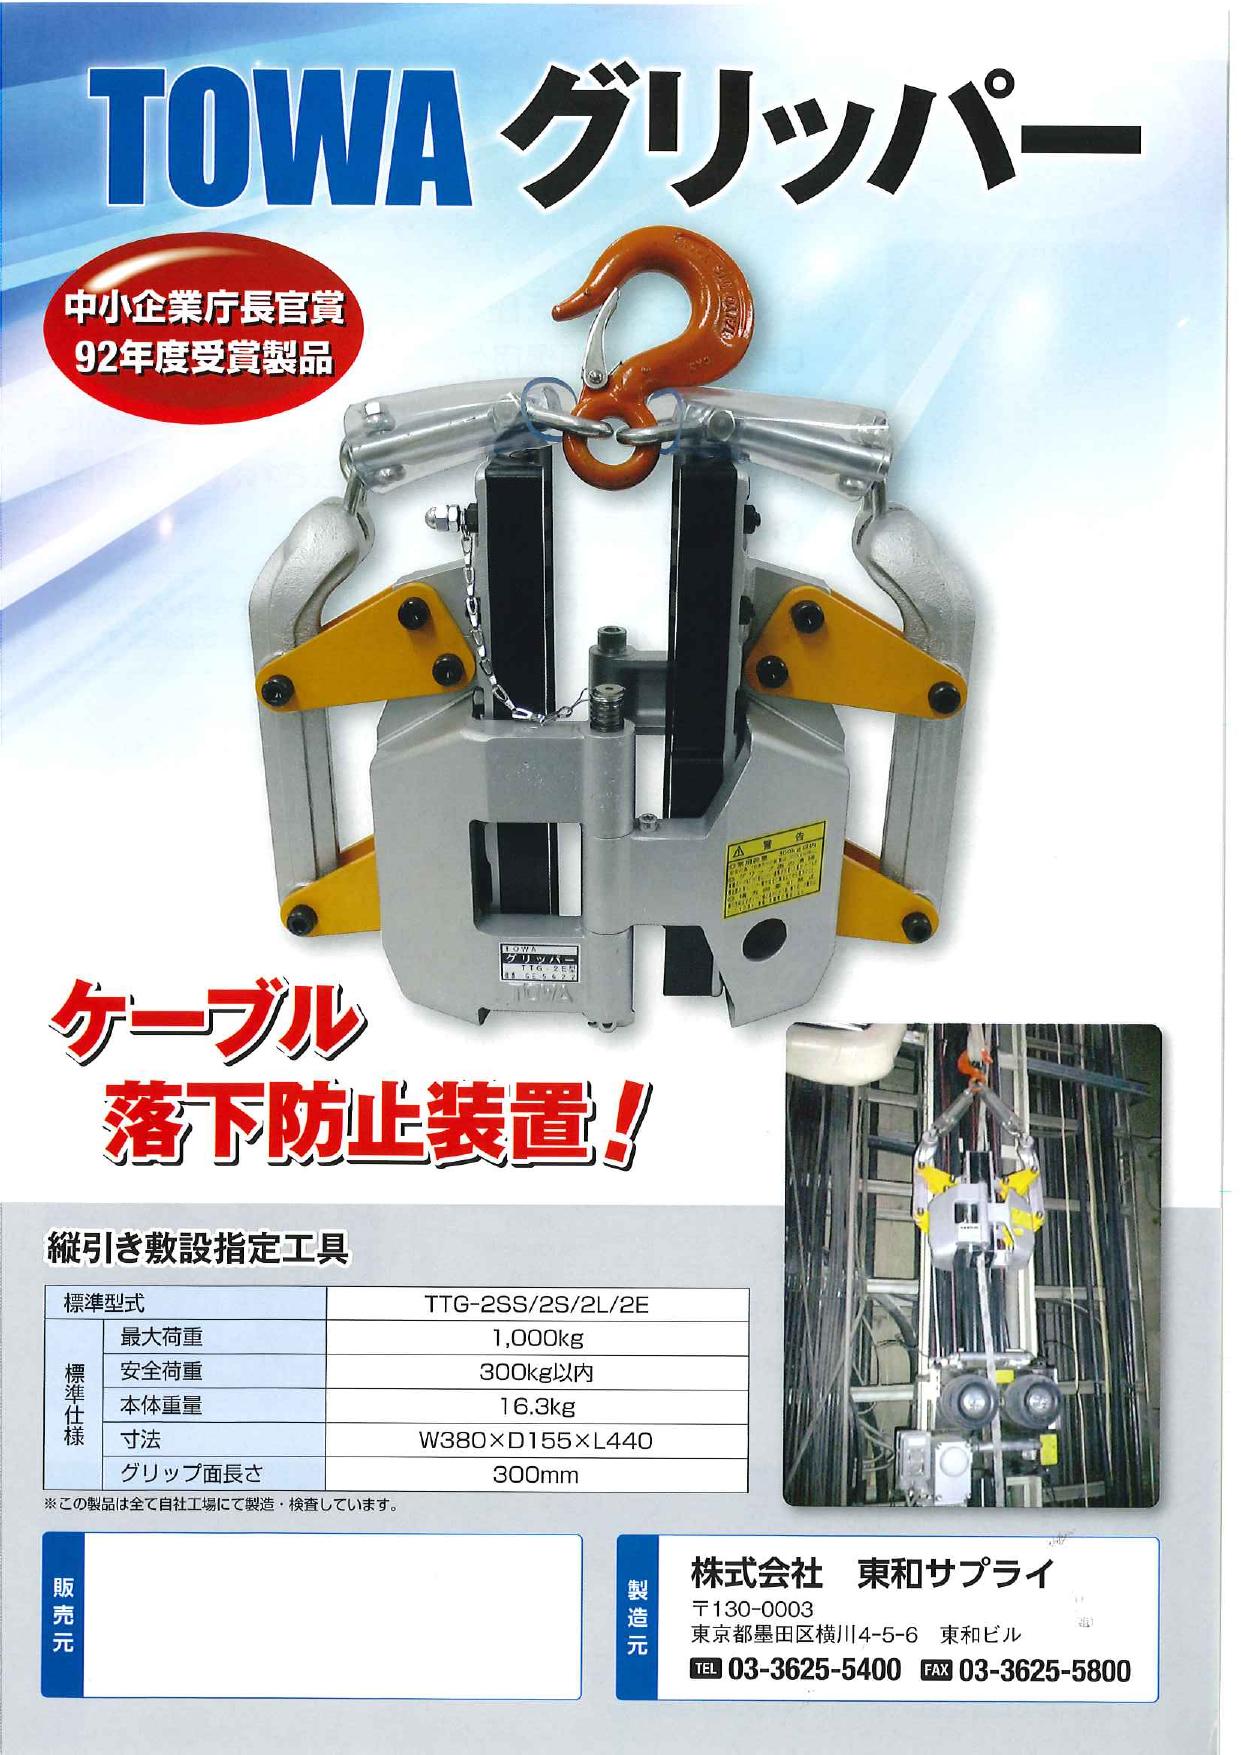 ケーブル落下防止 TOWA グリッパー